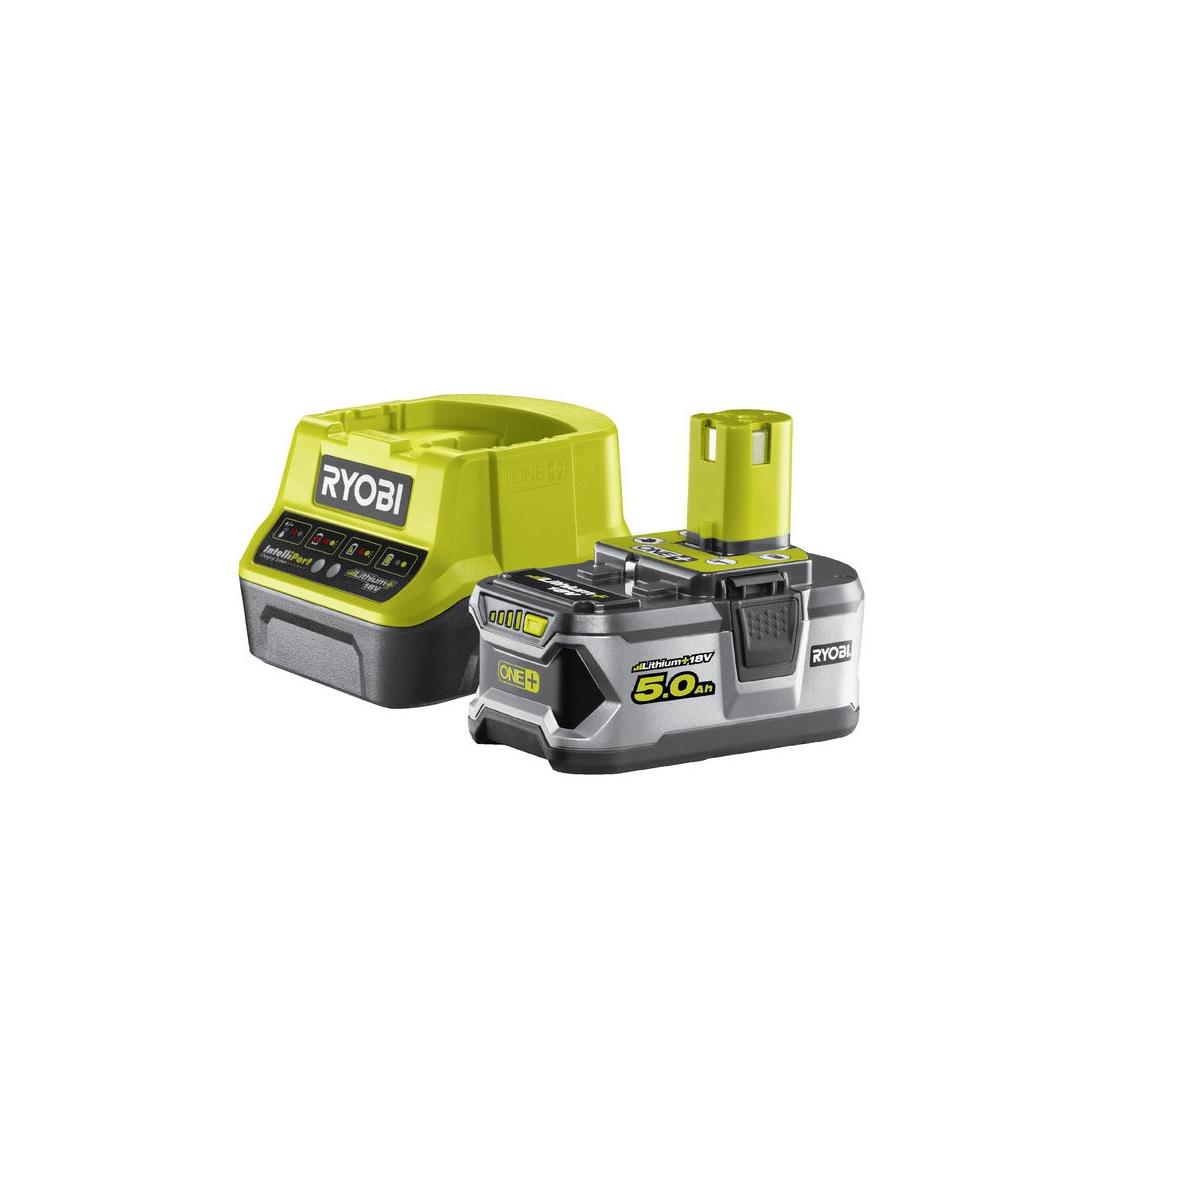 Ryobi RC18120-150sada 18 V lithium iontová baterie 5 Ah s nabíječkou RC18120 ONE+